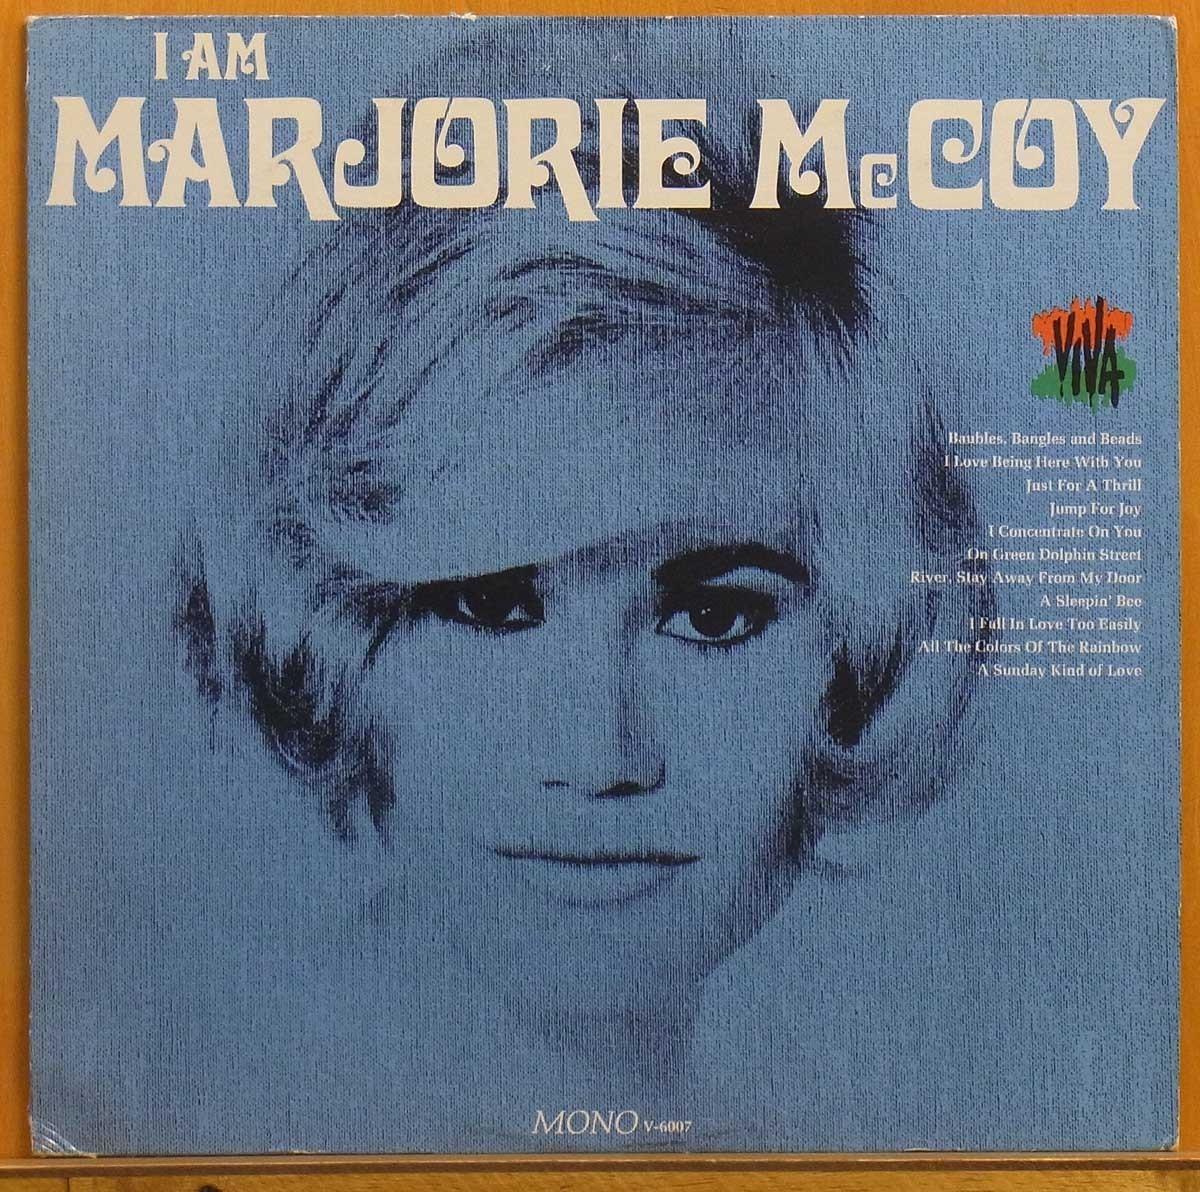 ◎レア!MONO!表綺麗!ほぼ美盤!★Marjorie McCoy「I Am Marjorie McCoy」USオリジLP #55978_画像1